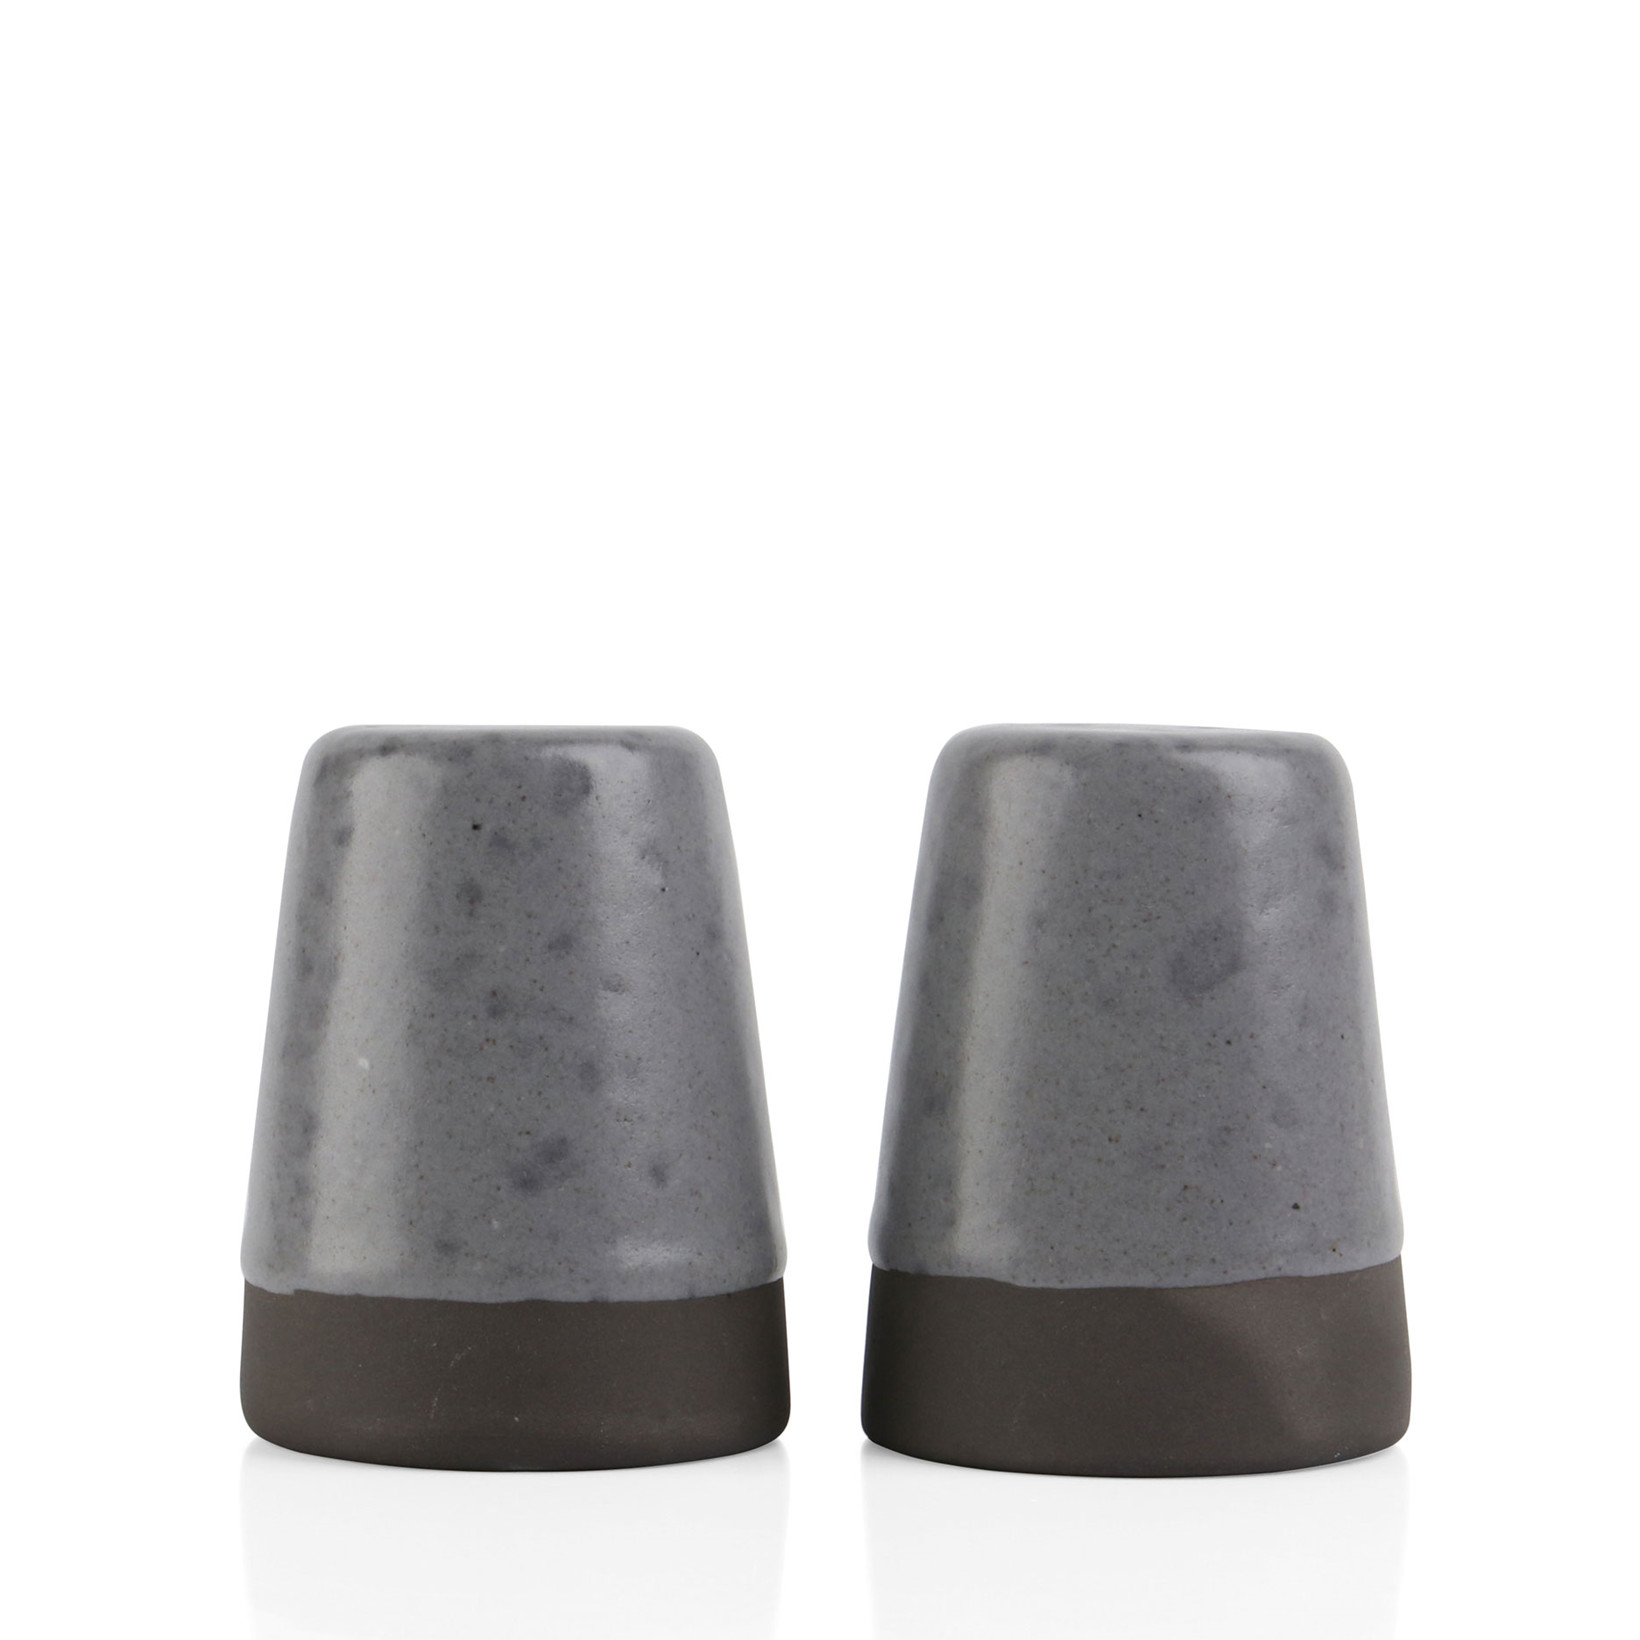 04e9b0e1e34f AIDA RAW salt og peber sæt grå spotted